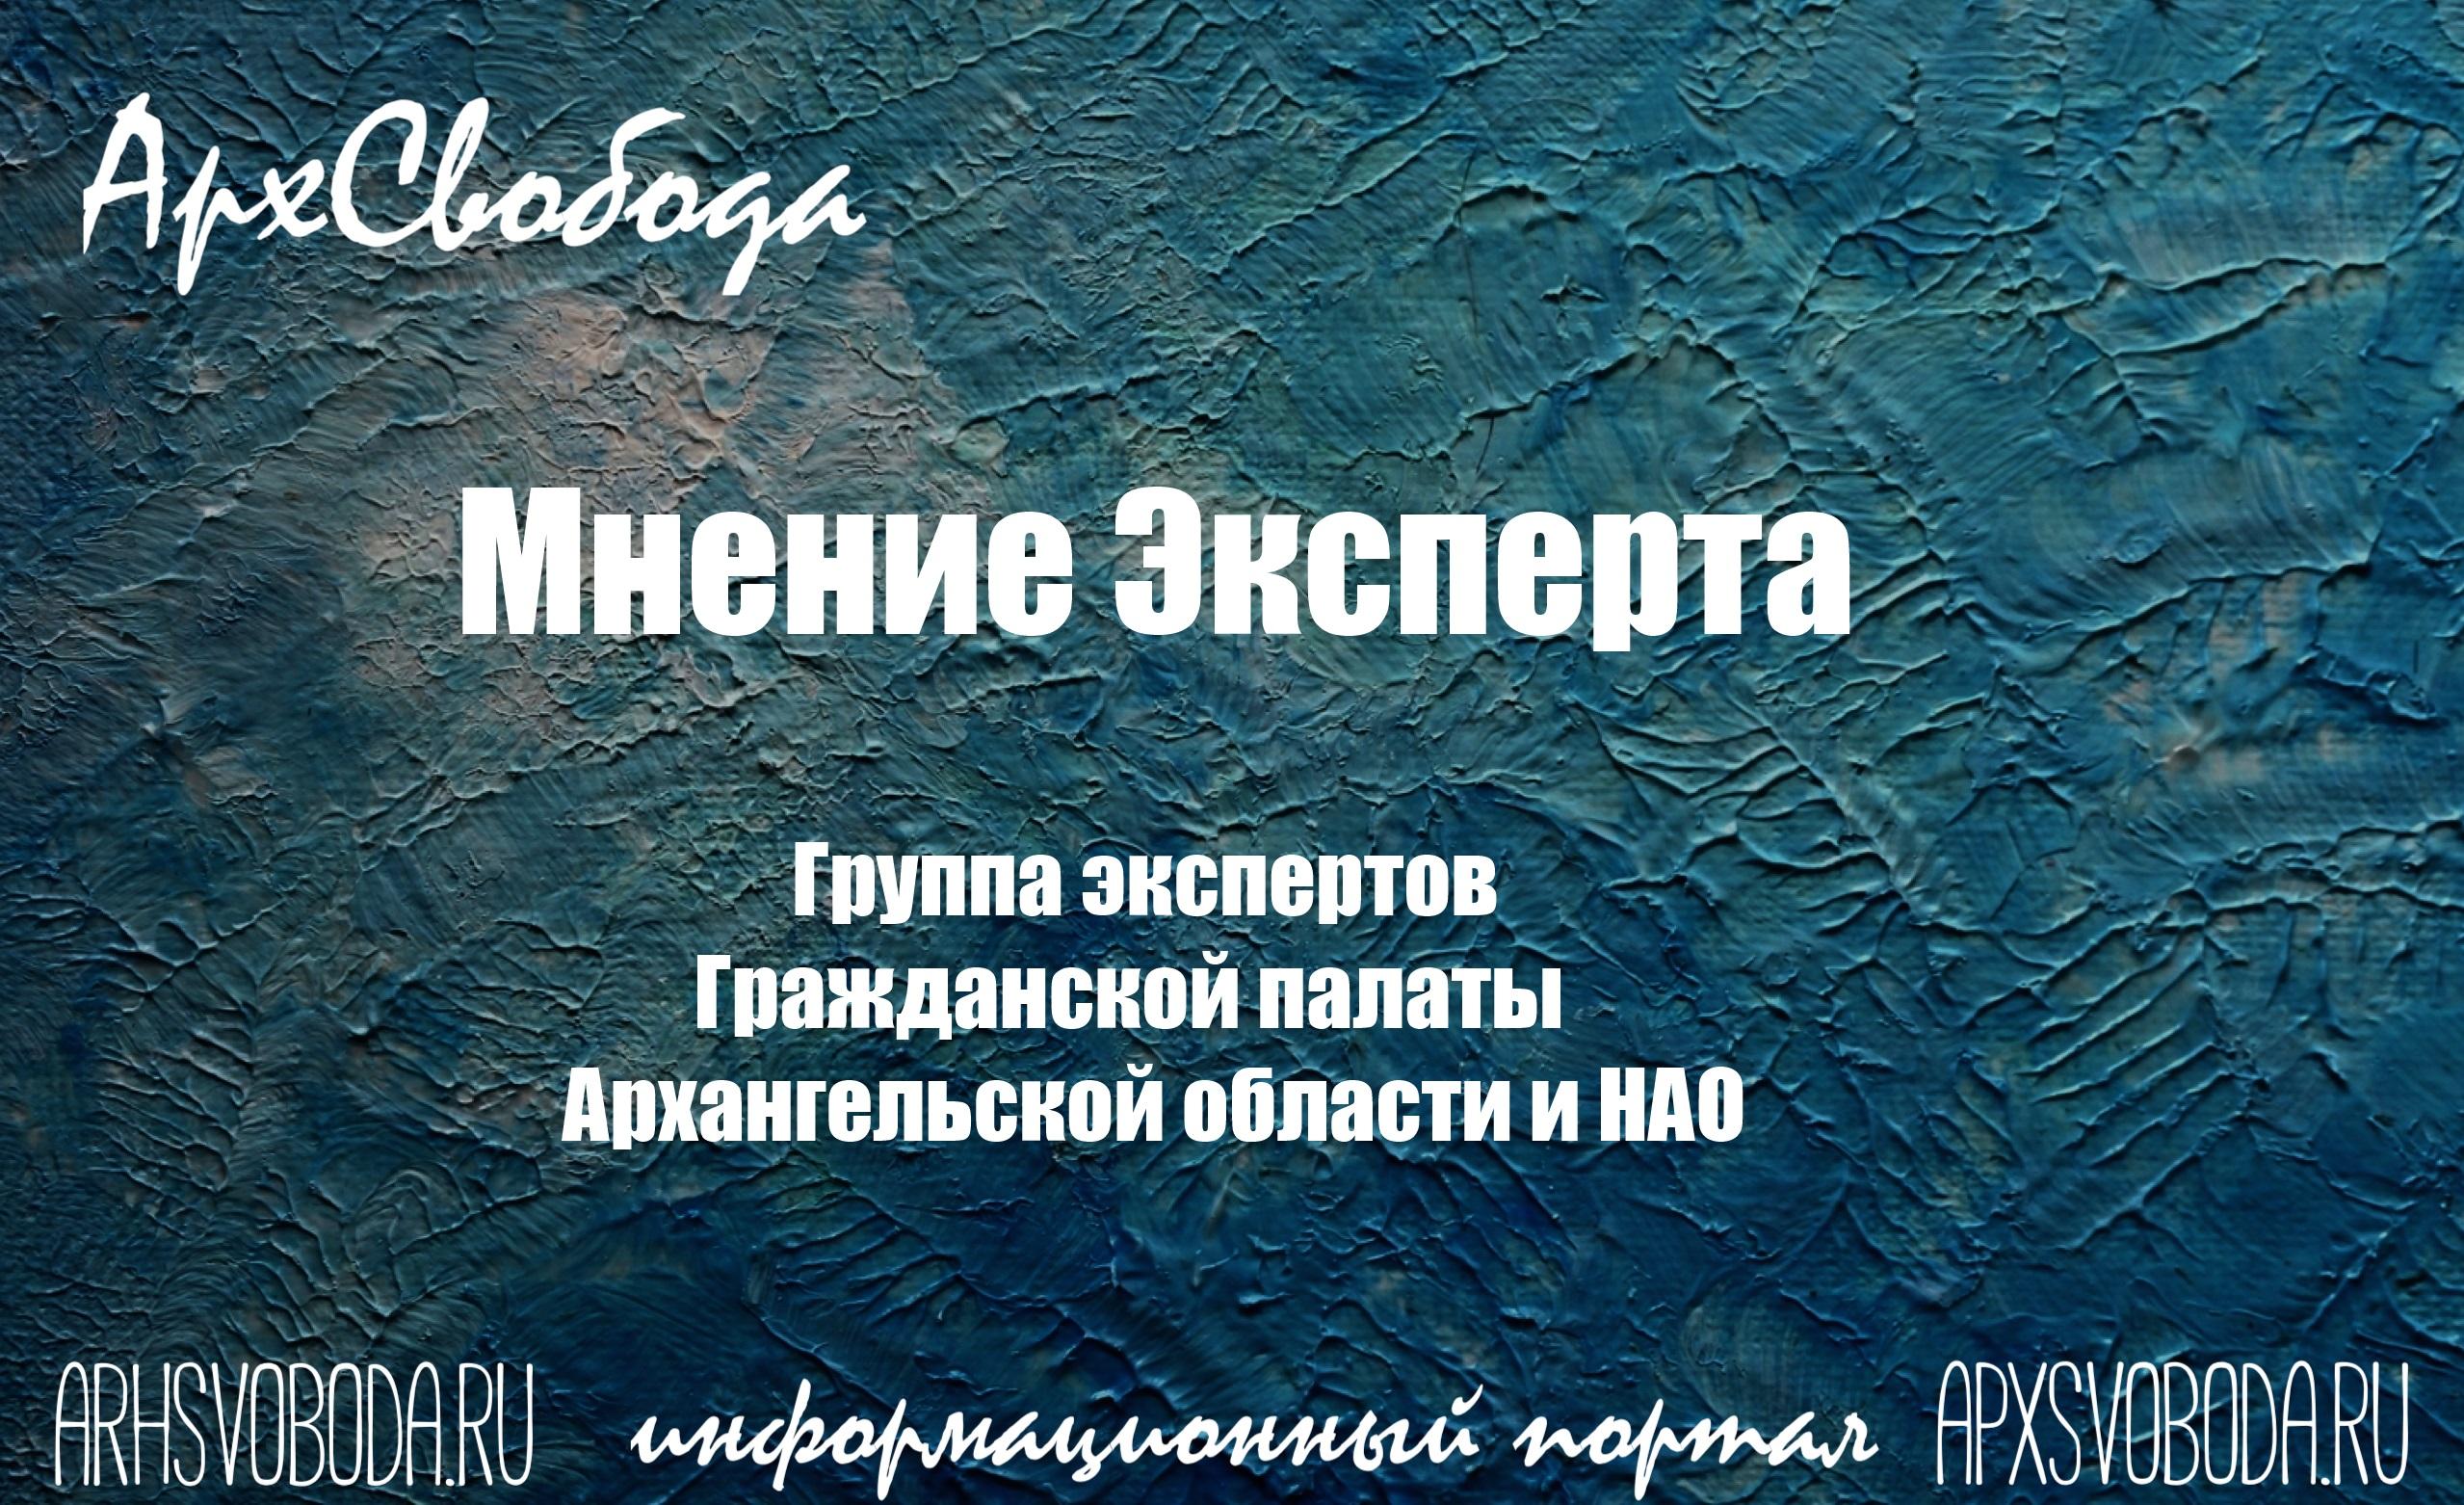 Архангельск. Будущего у мусорного Игоря нет